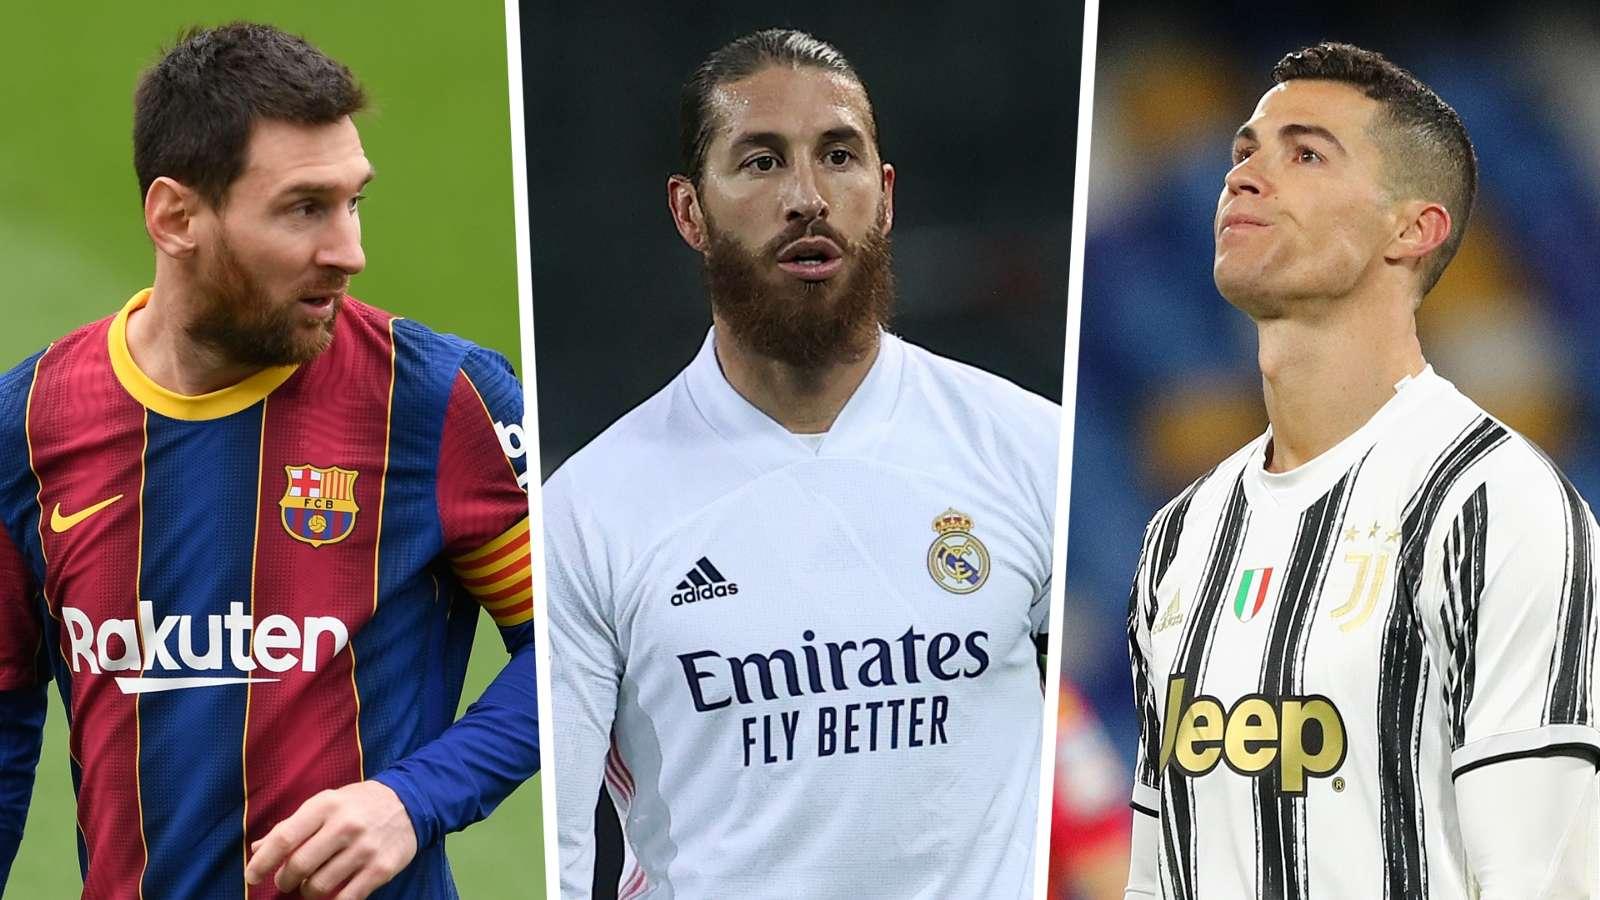 """""""Nếu bạn hỏi tôi, Messi hay Ronaldo, tôi sẽ chọn Ramos"""" - Bailly giành hết lời khen ngợi cho hậu vệ của Real Madrid"""